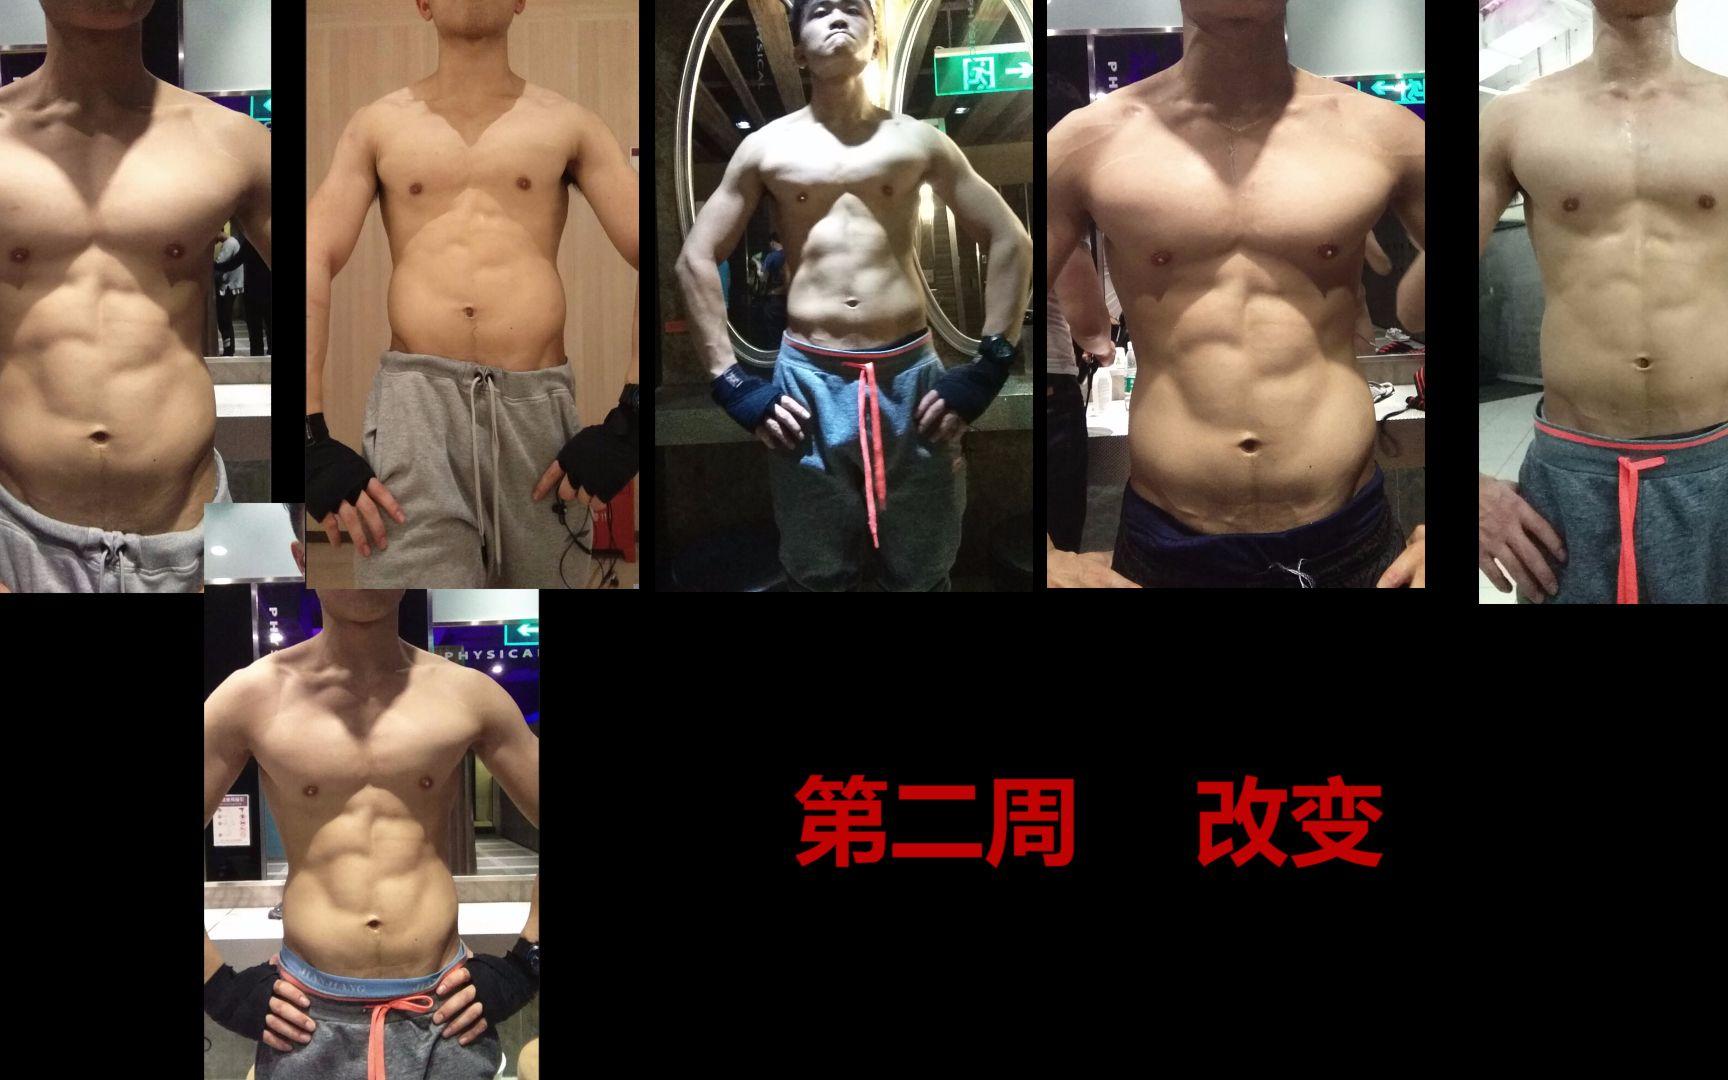 【体式刷脂】第二周改变七日断食瑜伽极限图片